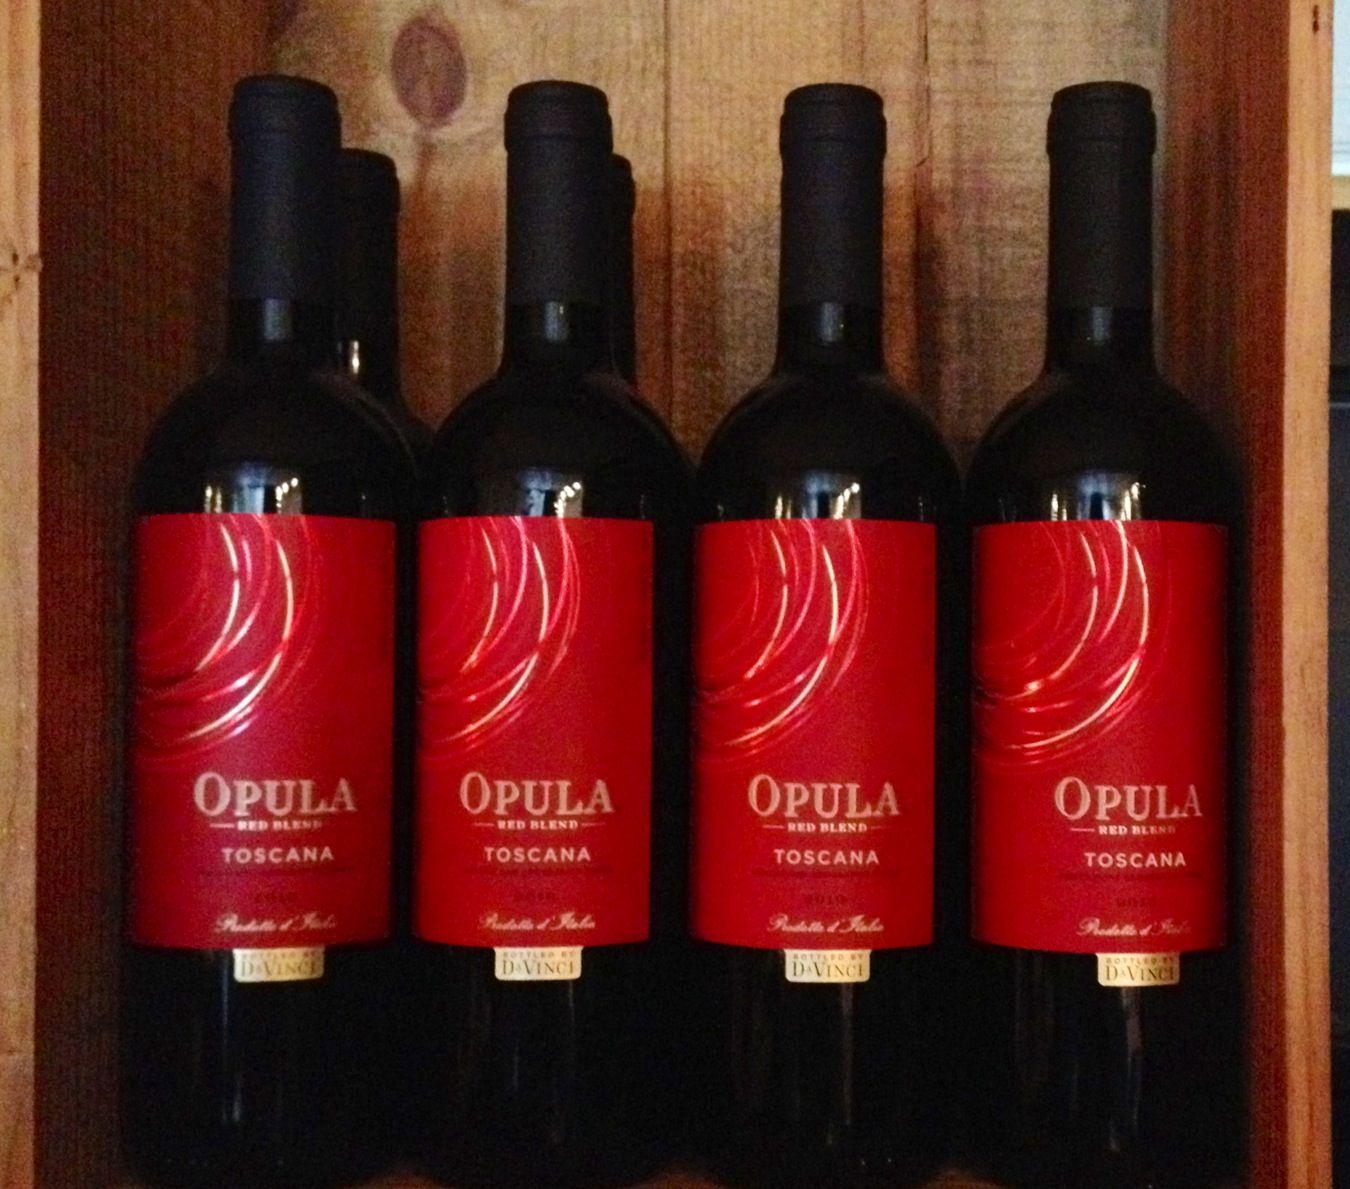 Opula Jpg 1350 1189 Wine Bottle Alcoholic Drinks Red Wine